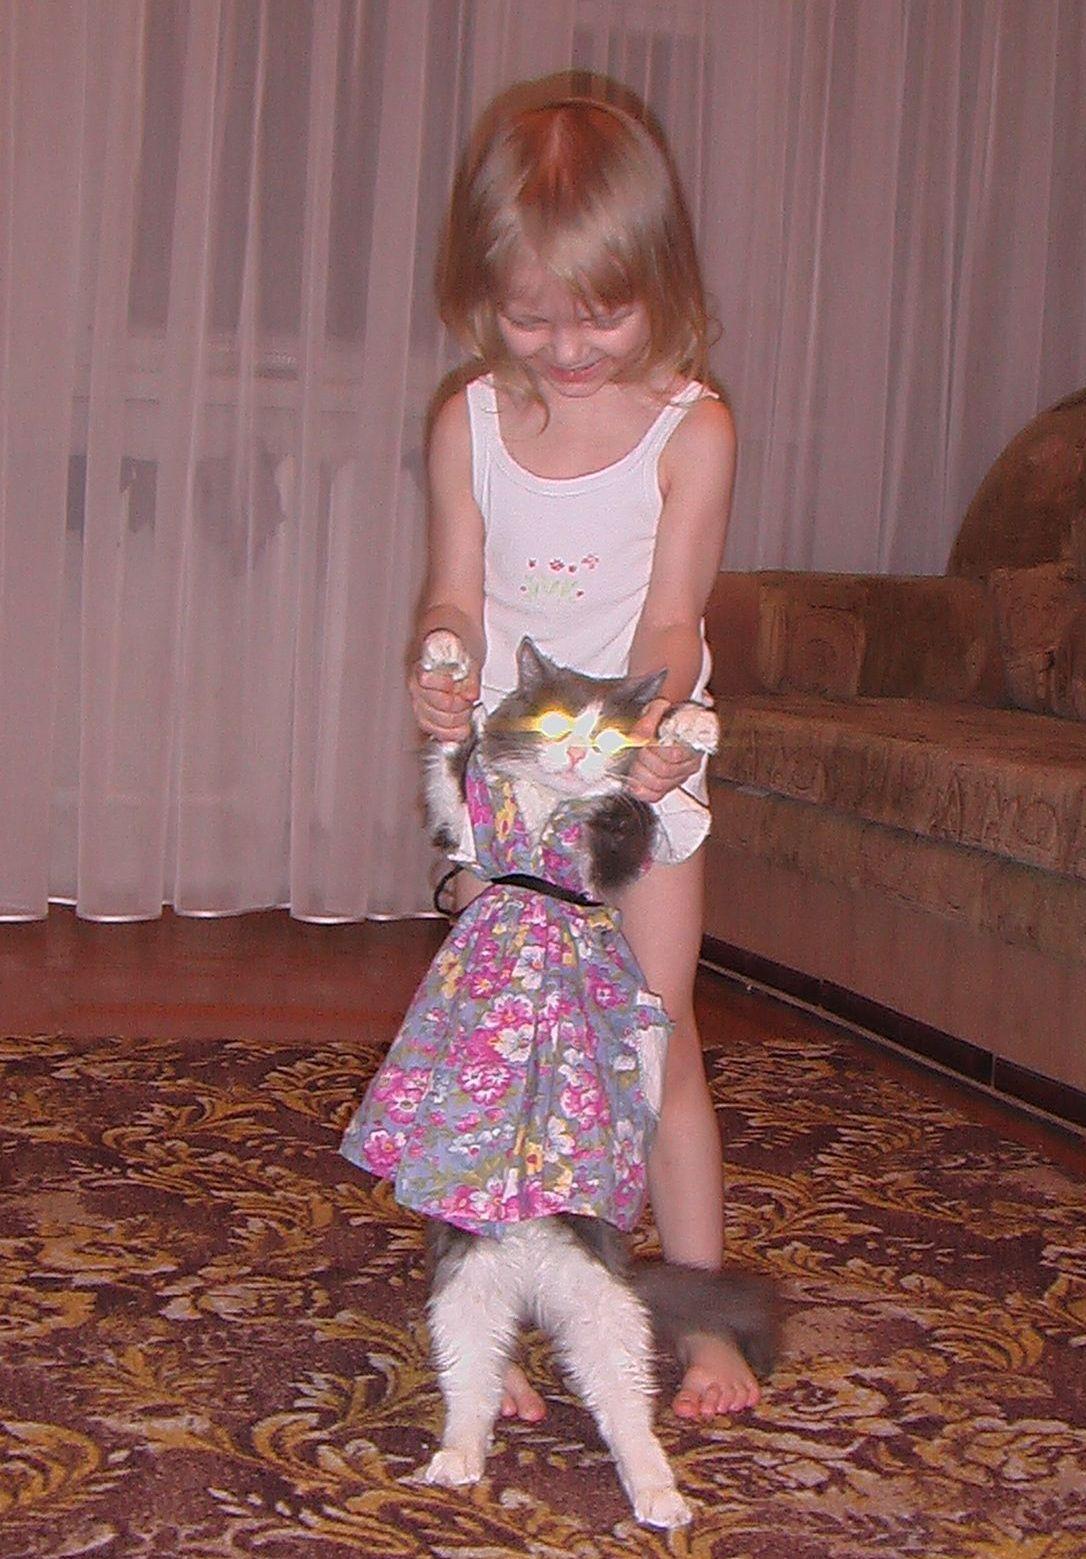 Пока учу танцевать кошку, вырасту - буду тигров дрессировать. Готовьтесь....тигры!. Мой усатый-полосатый